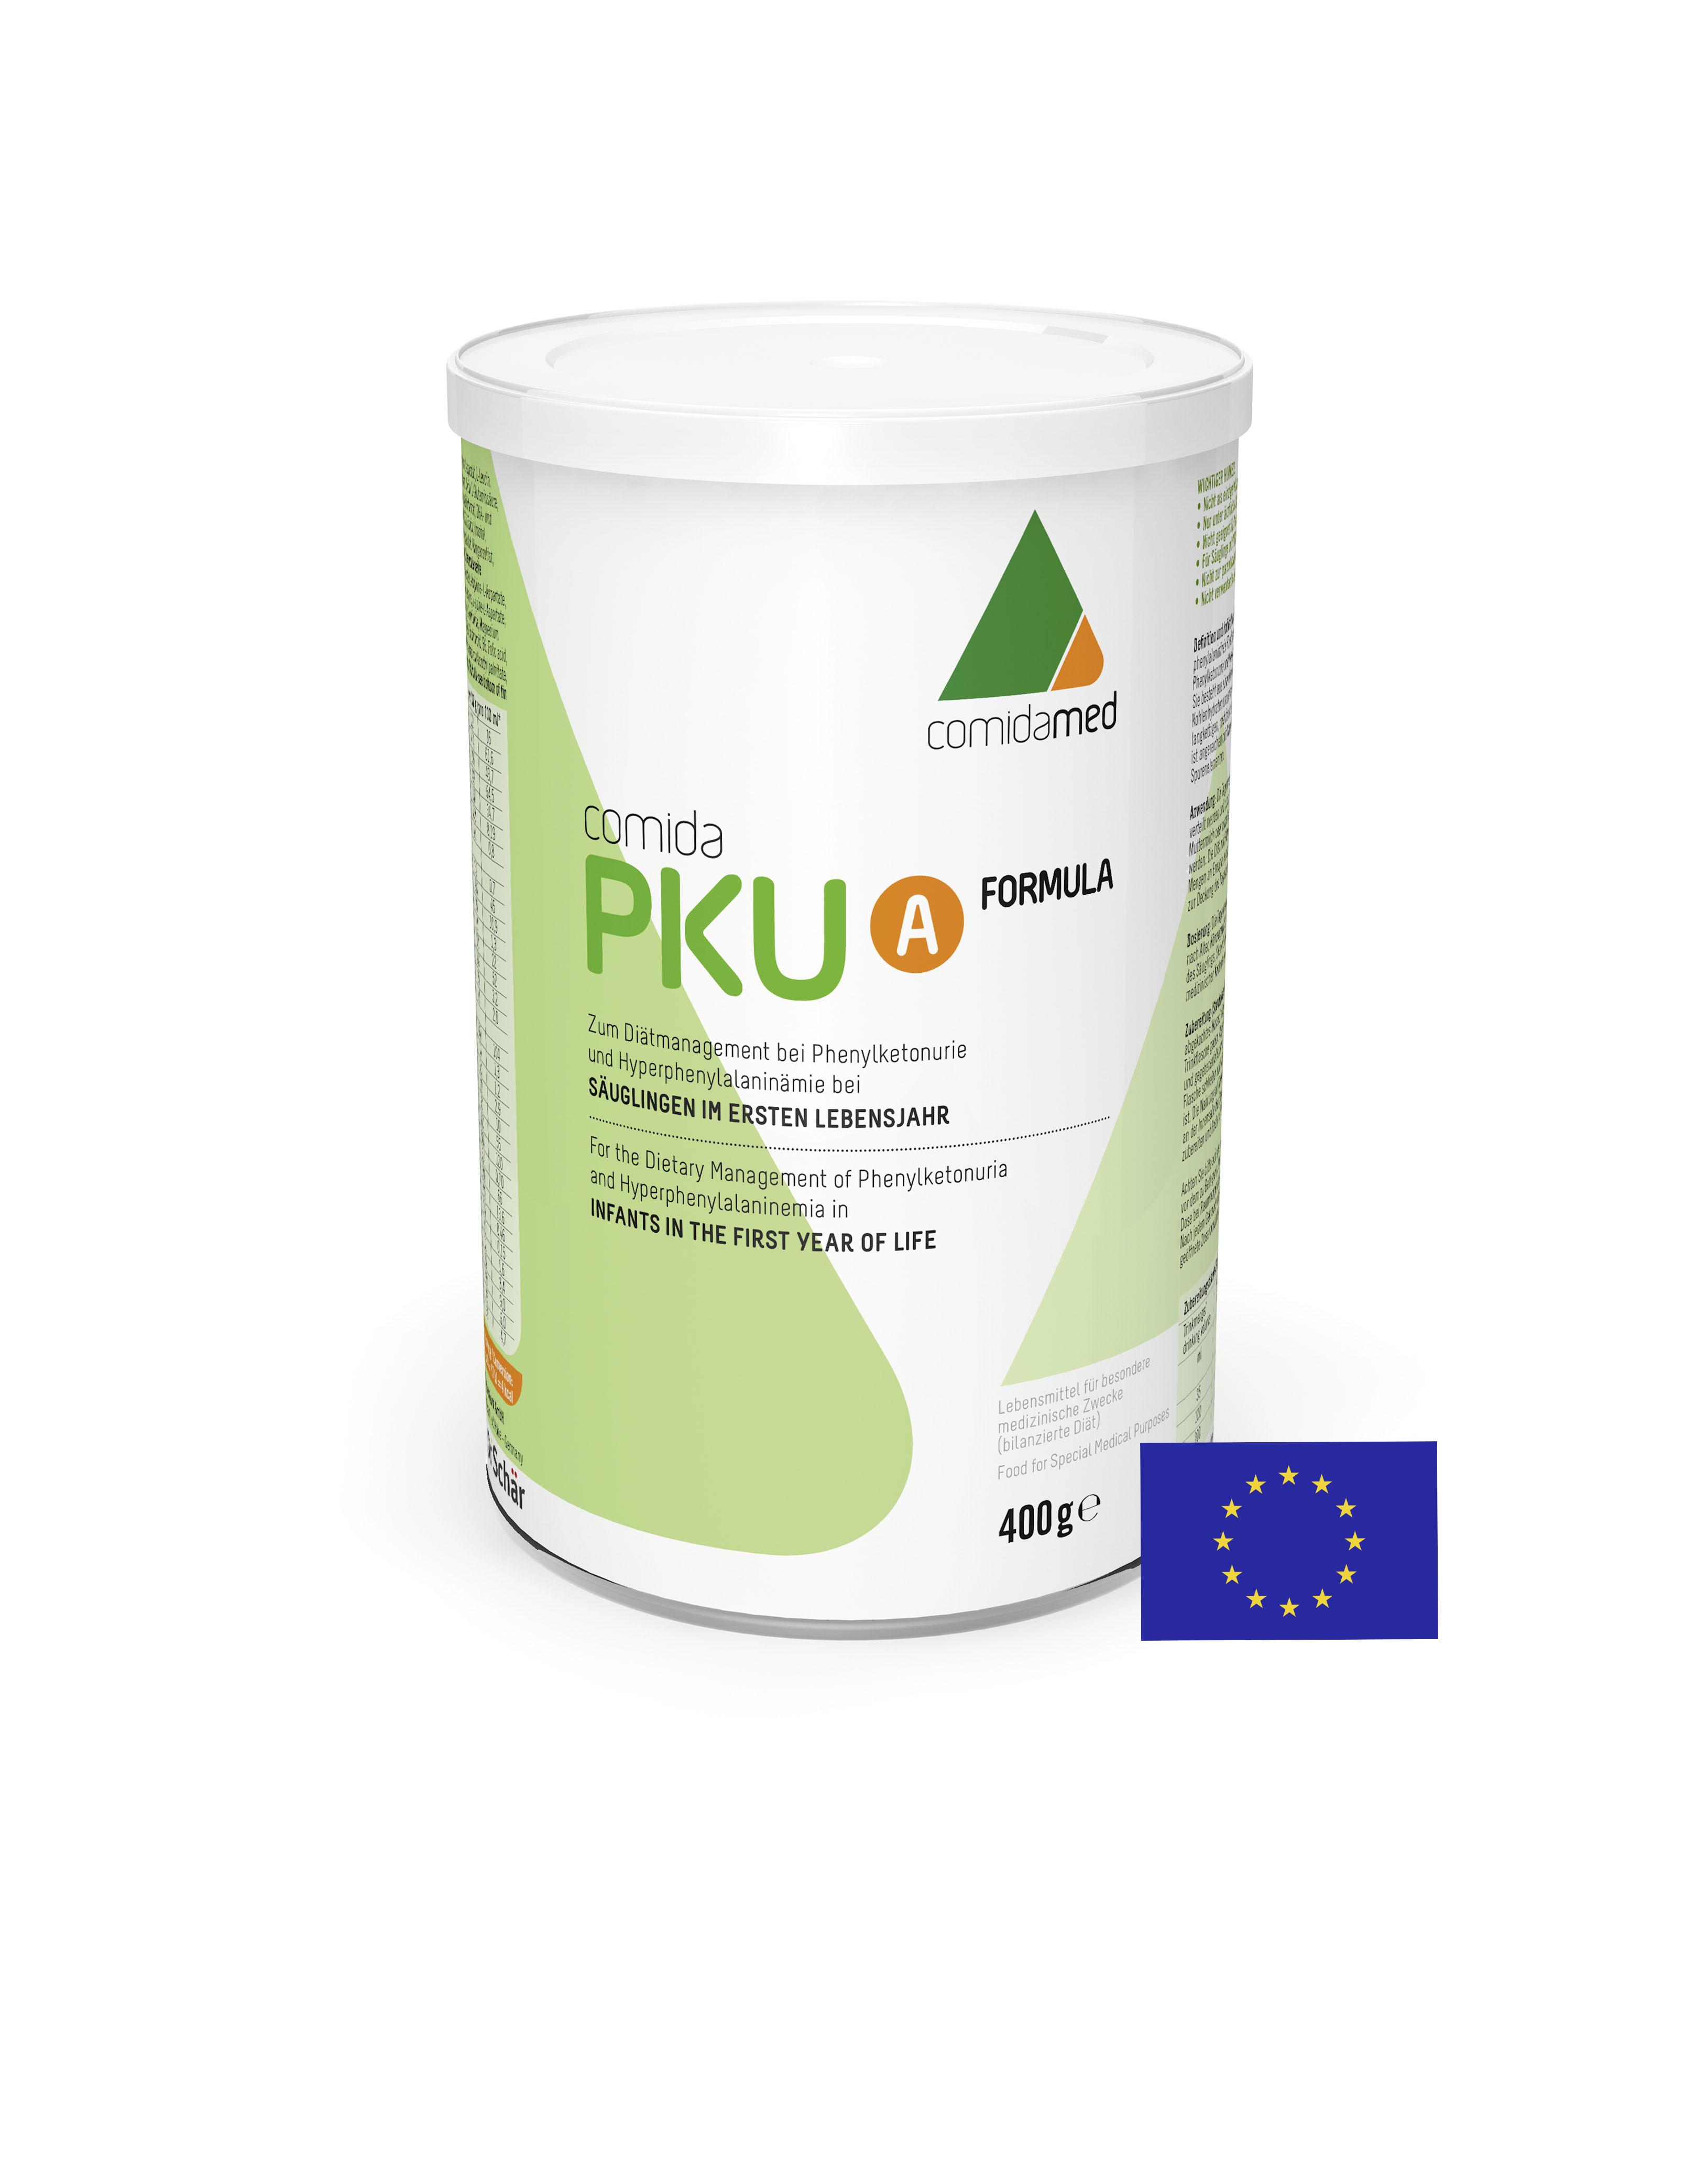 comida-PKU A FORMULA (EU)